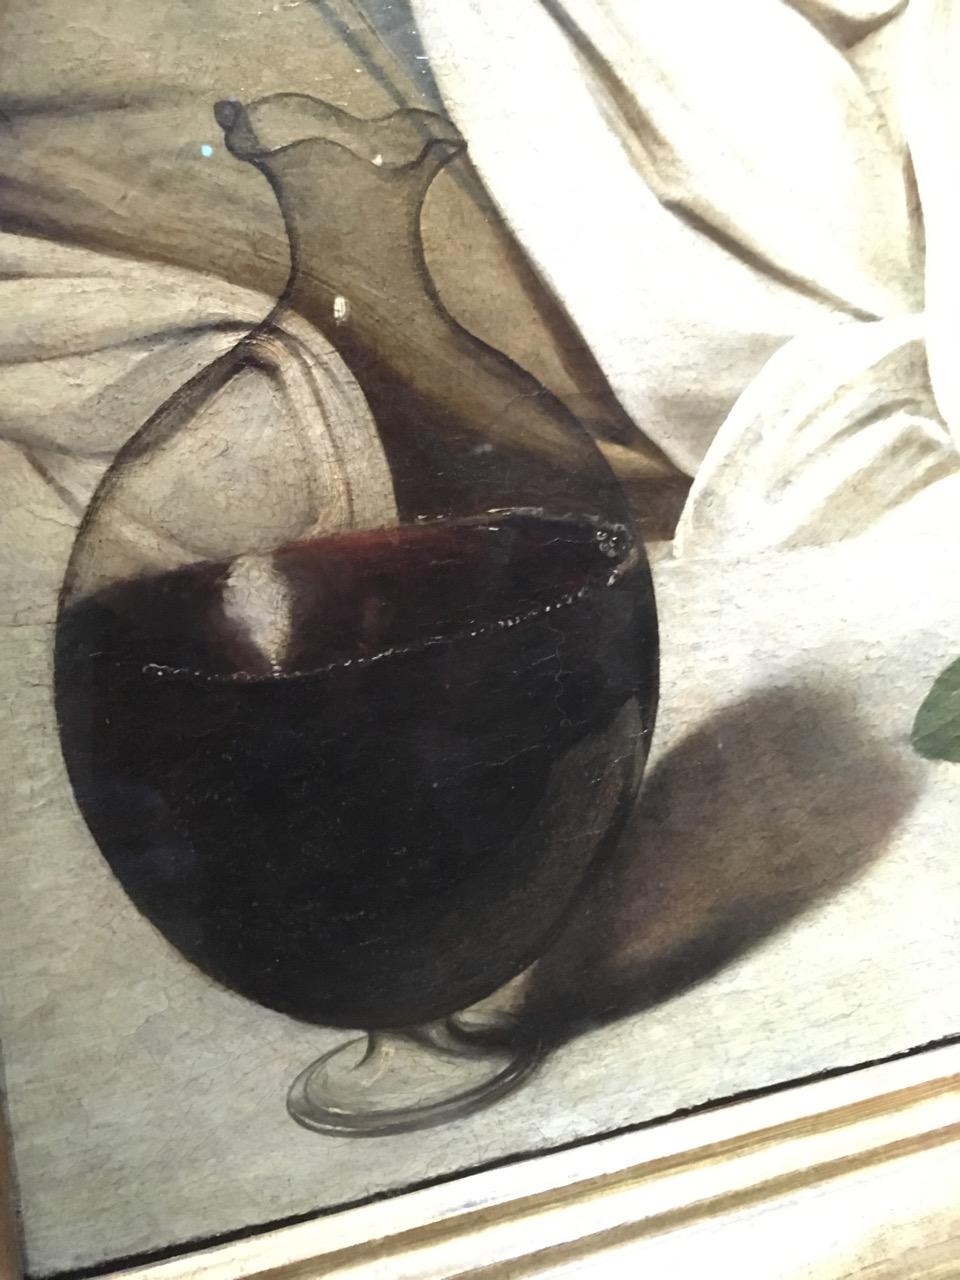 酒神的酒杯上有画家的自画像